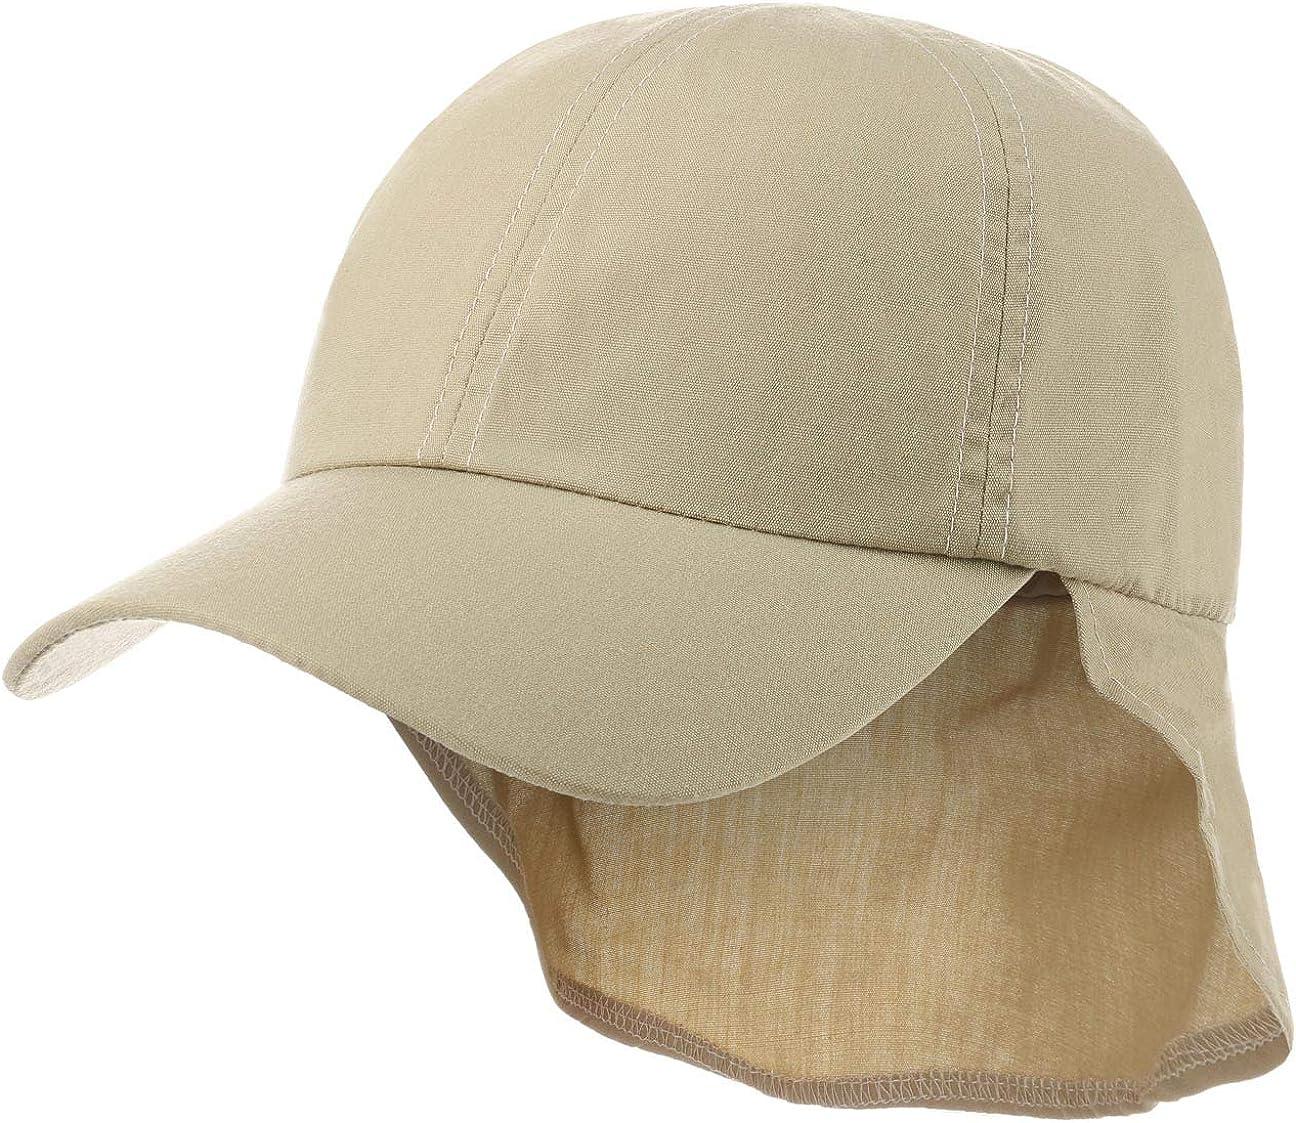 Chapeaushop Casquette Nomad Safari Protection Solaire Casquette pour l/ét/é